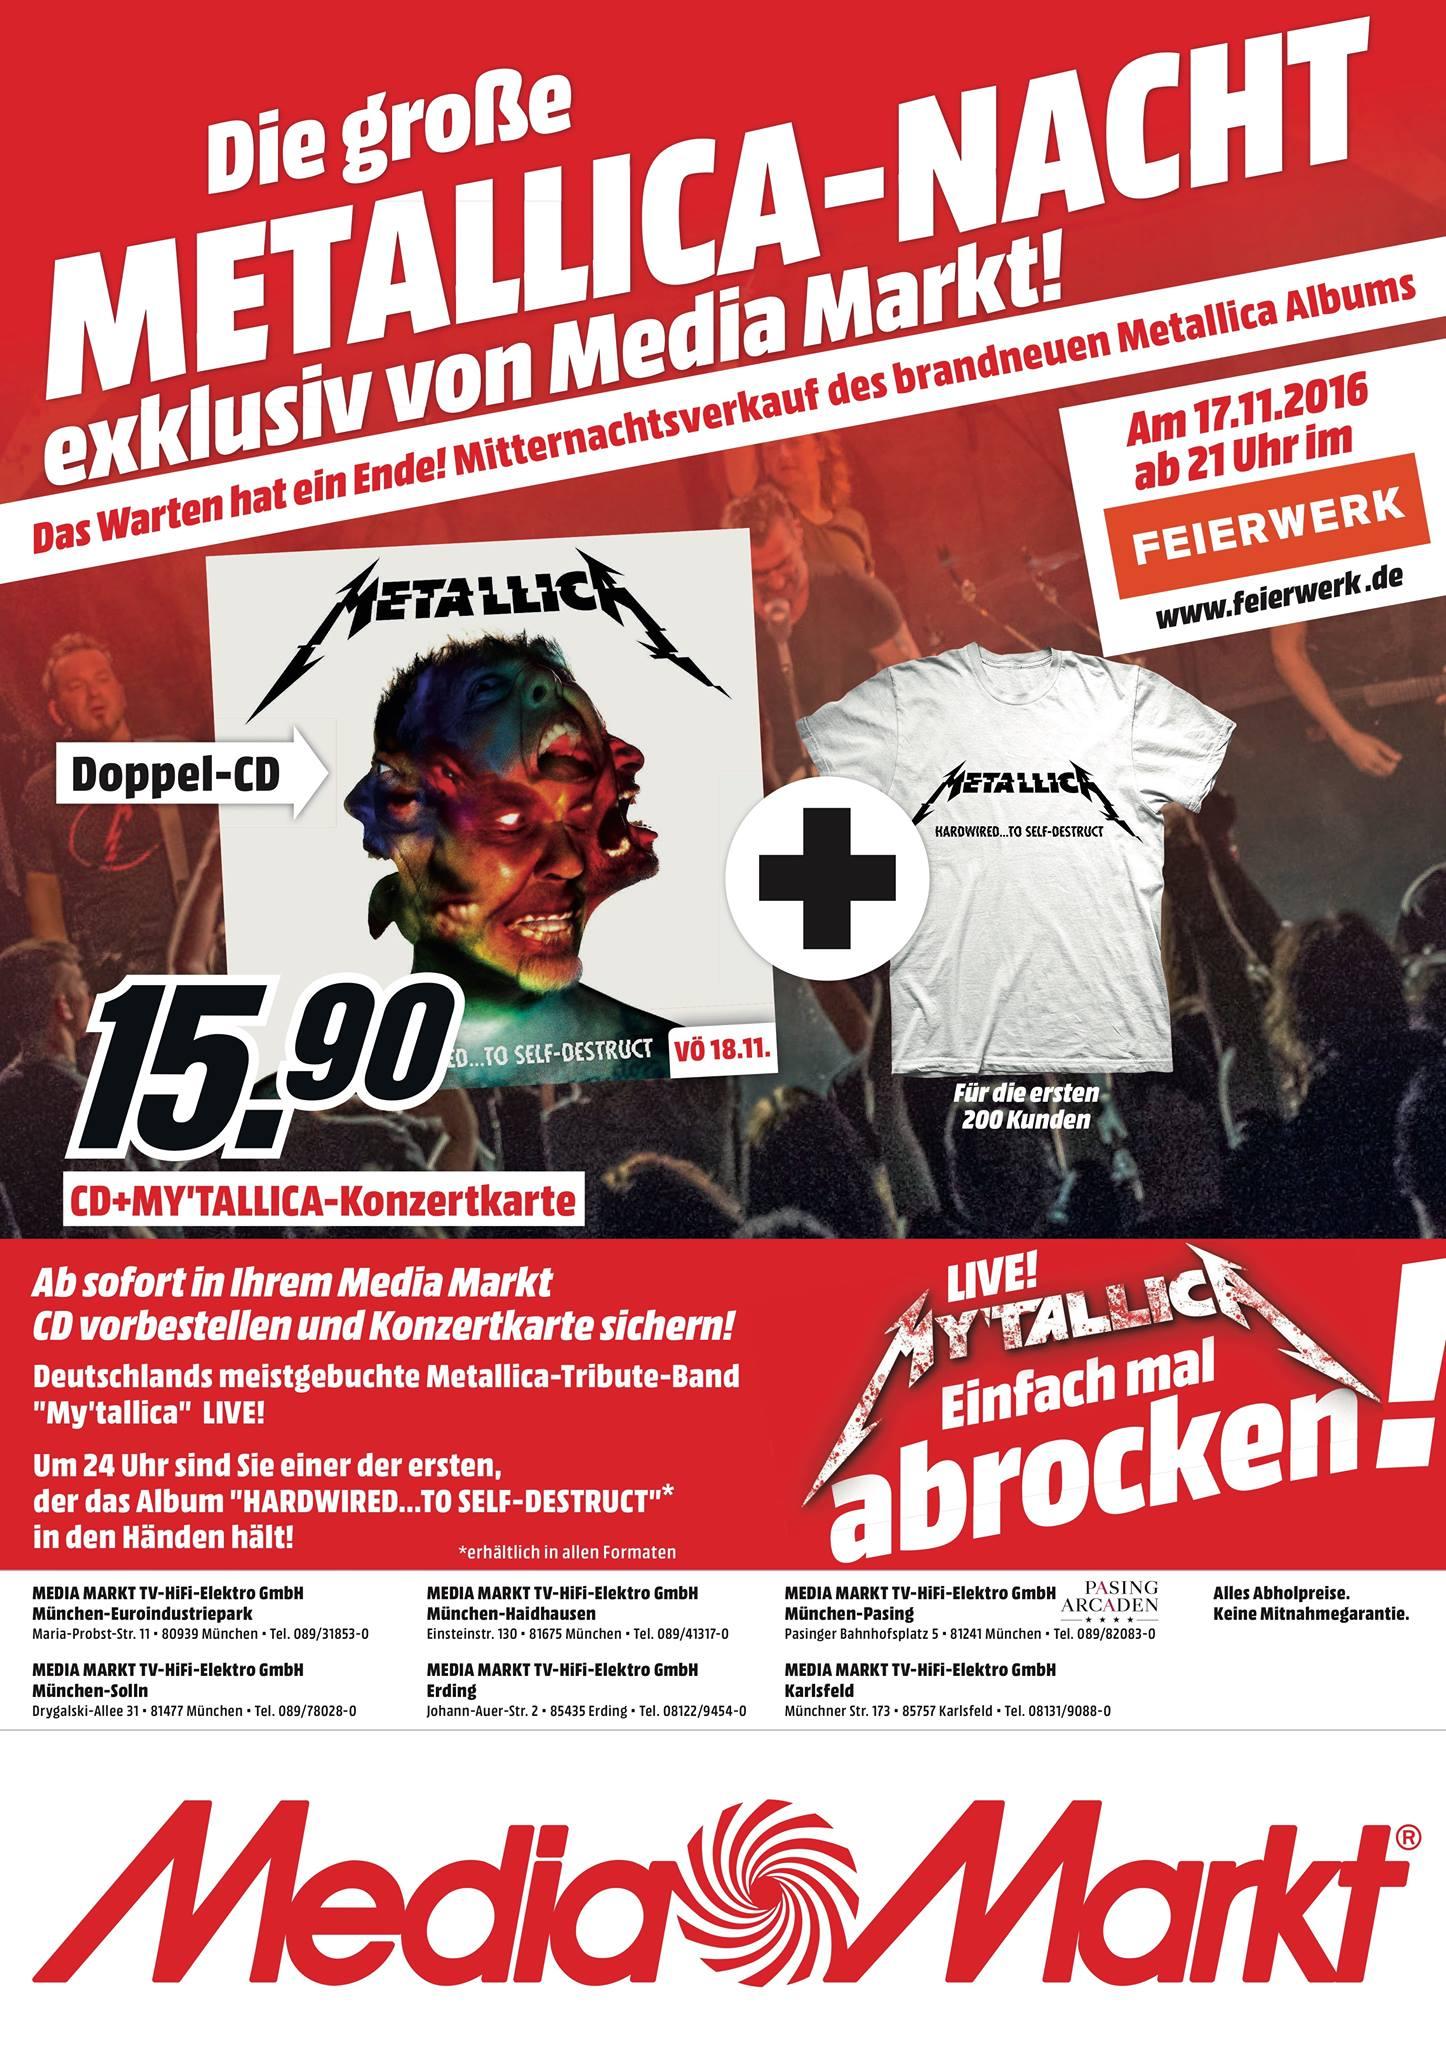 MY'TALLICA Album Release Show in München Feierwerk Flyer